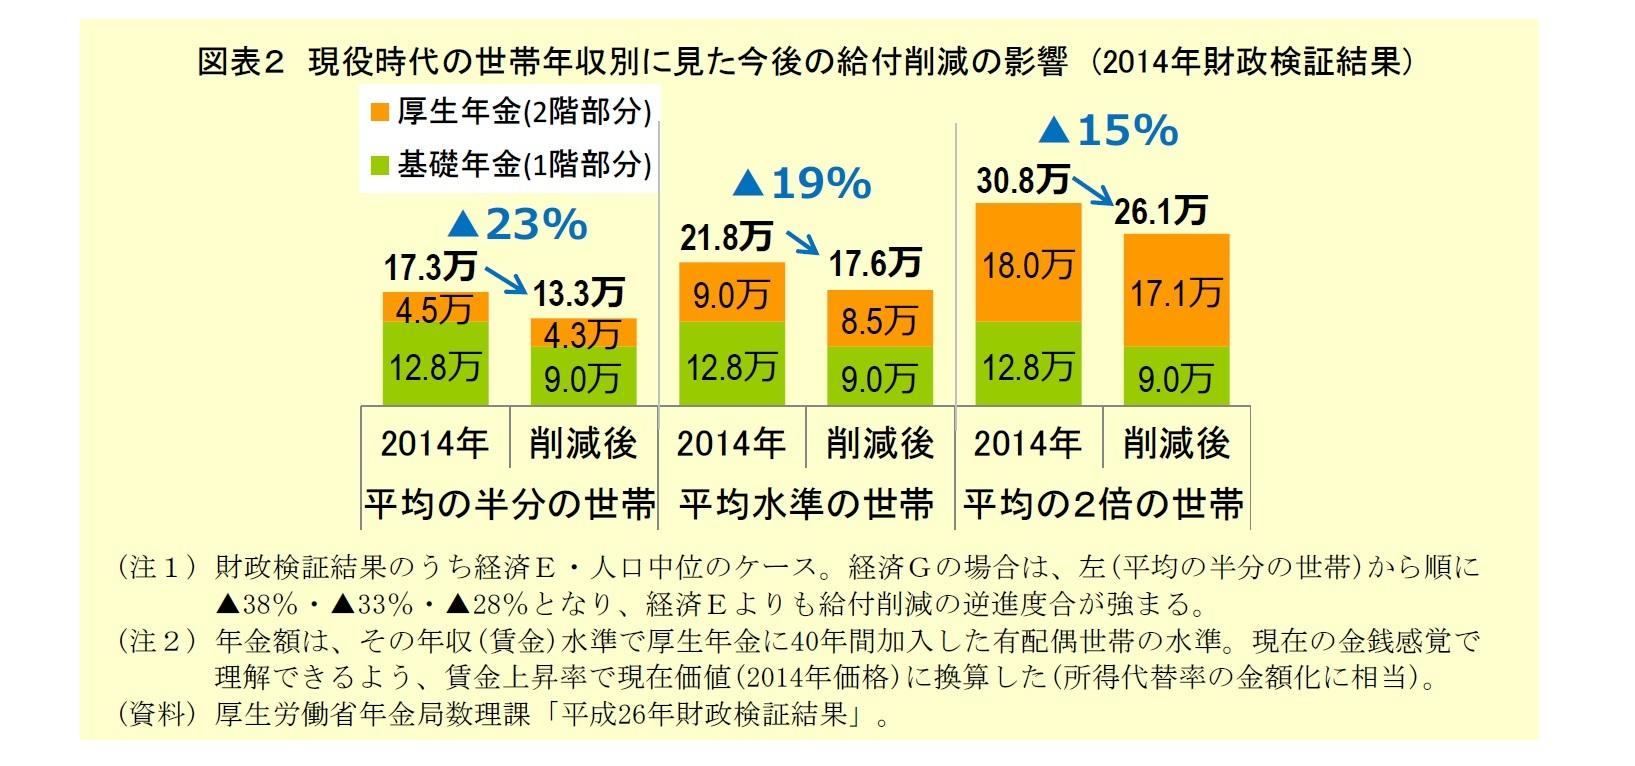 図表2:現役時代の世帯年収別に見た今後の給付削減の影響